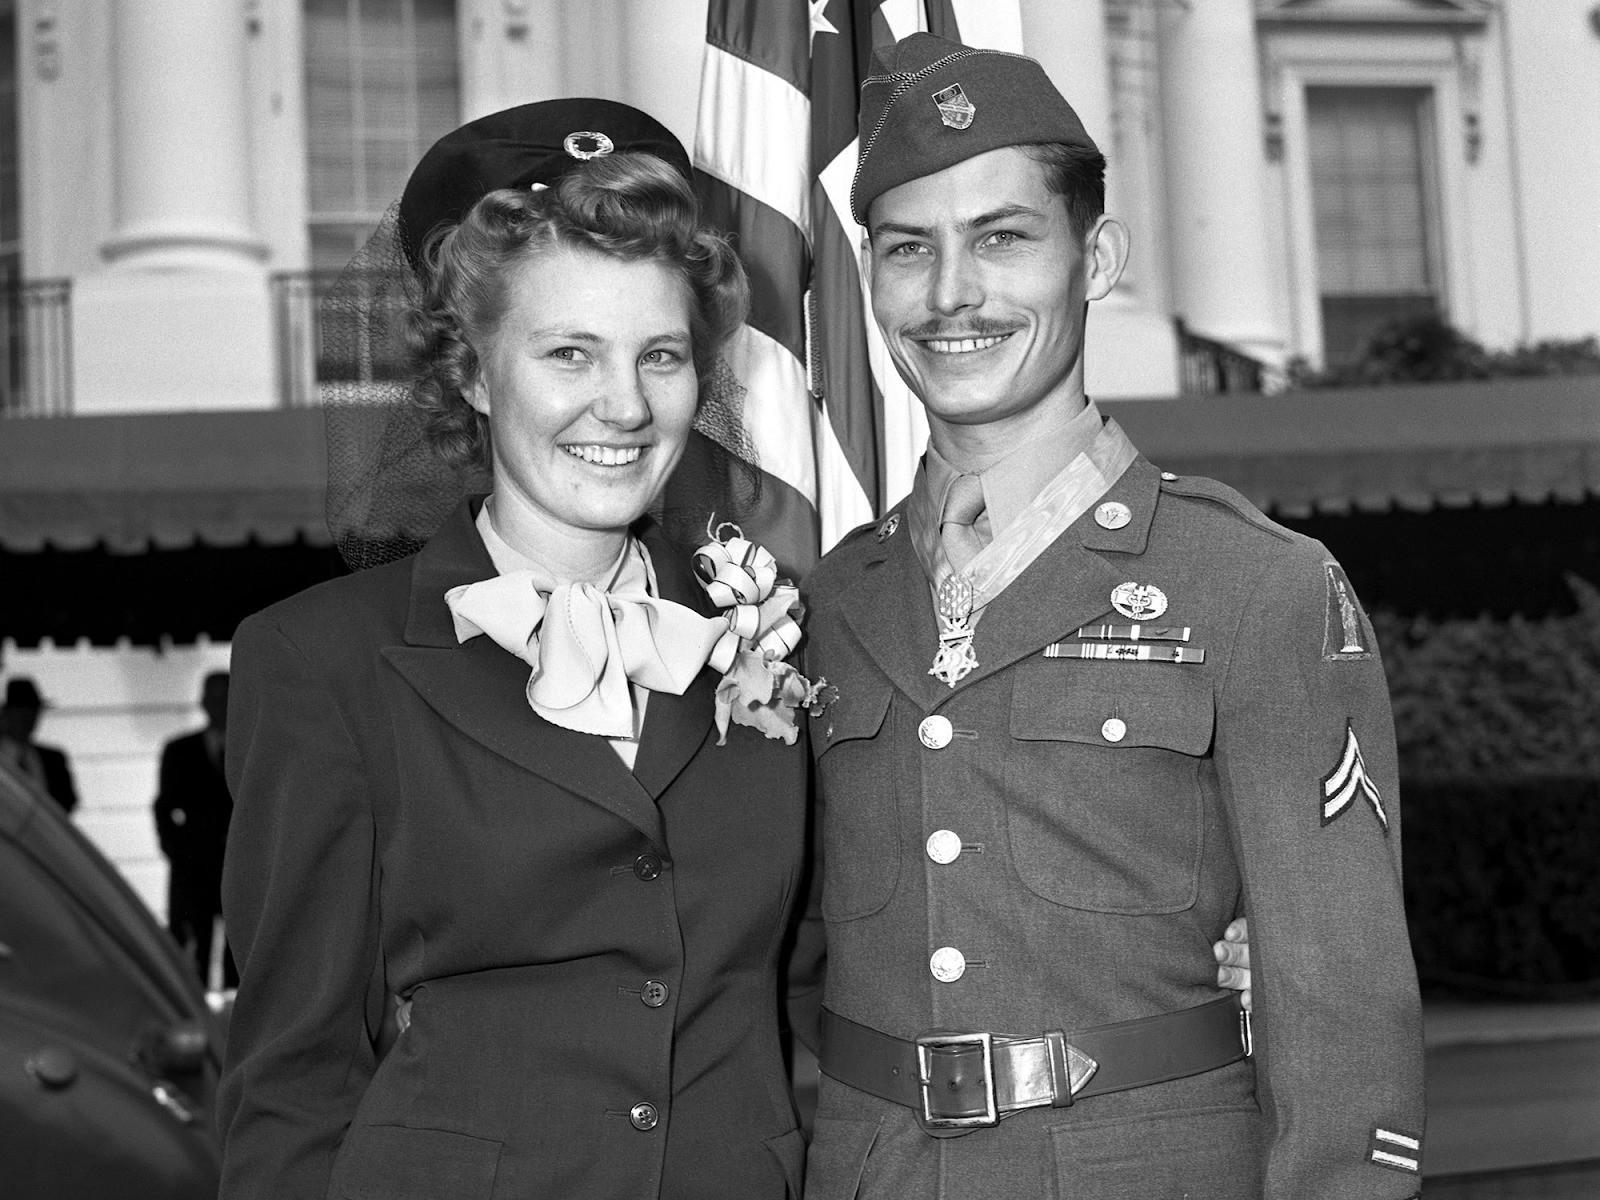 Desmony Doss: Người anh hùng ra chiến trường nhất định không cầm súng, để rồi được nhận huân chương cao quý nhất của quân đội Mỹ - Ảnh 6.